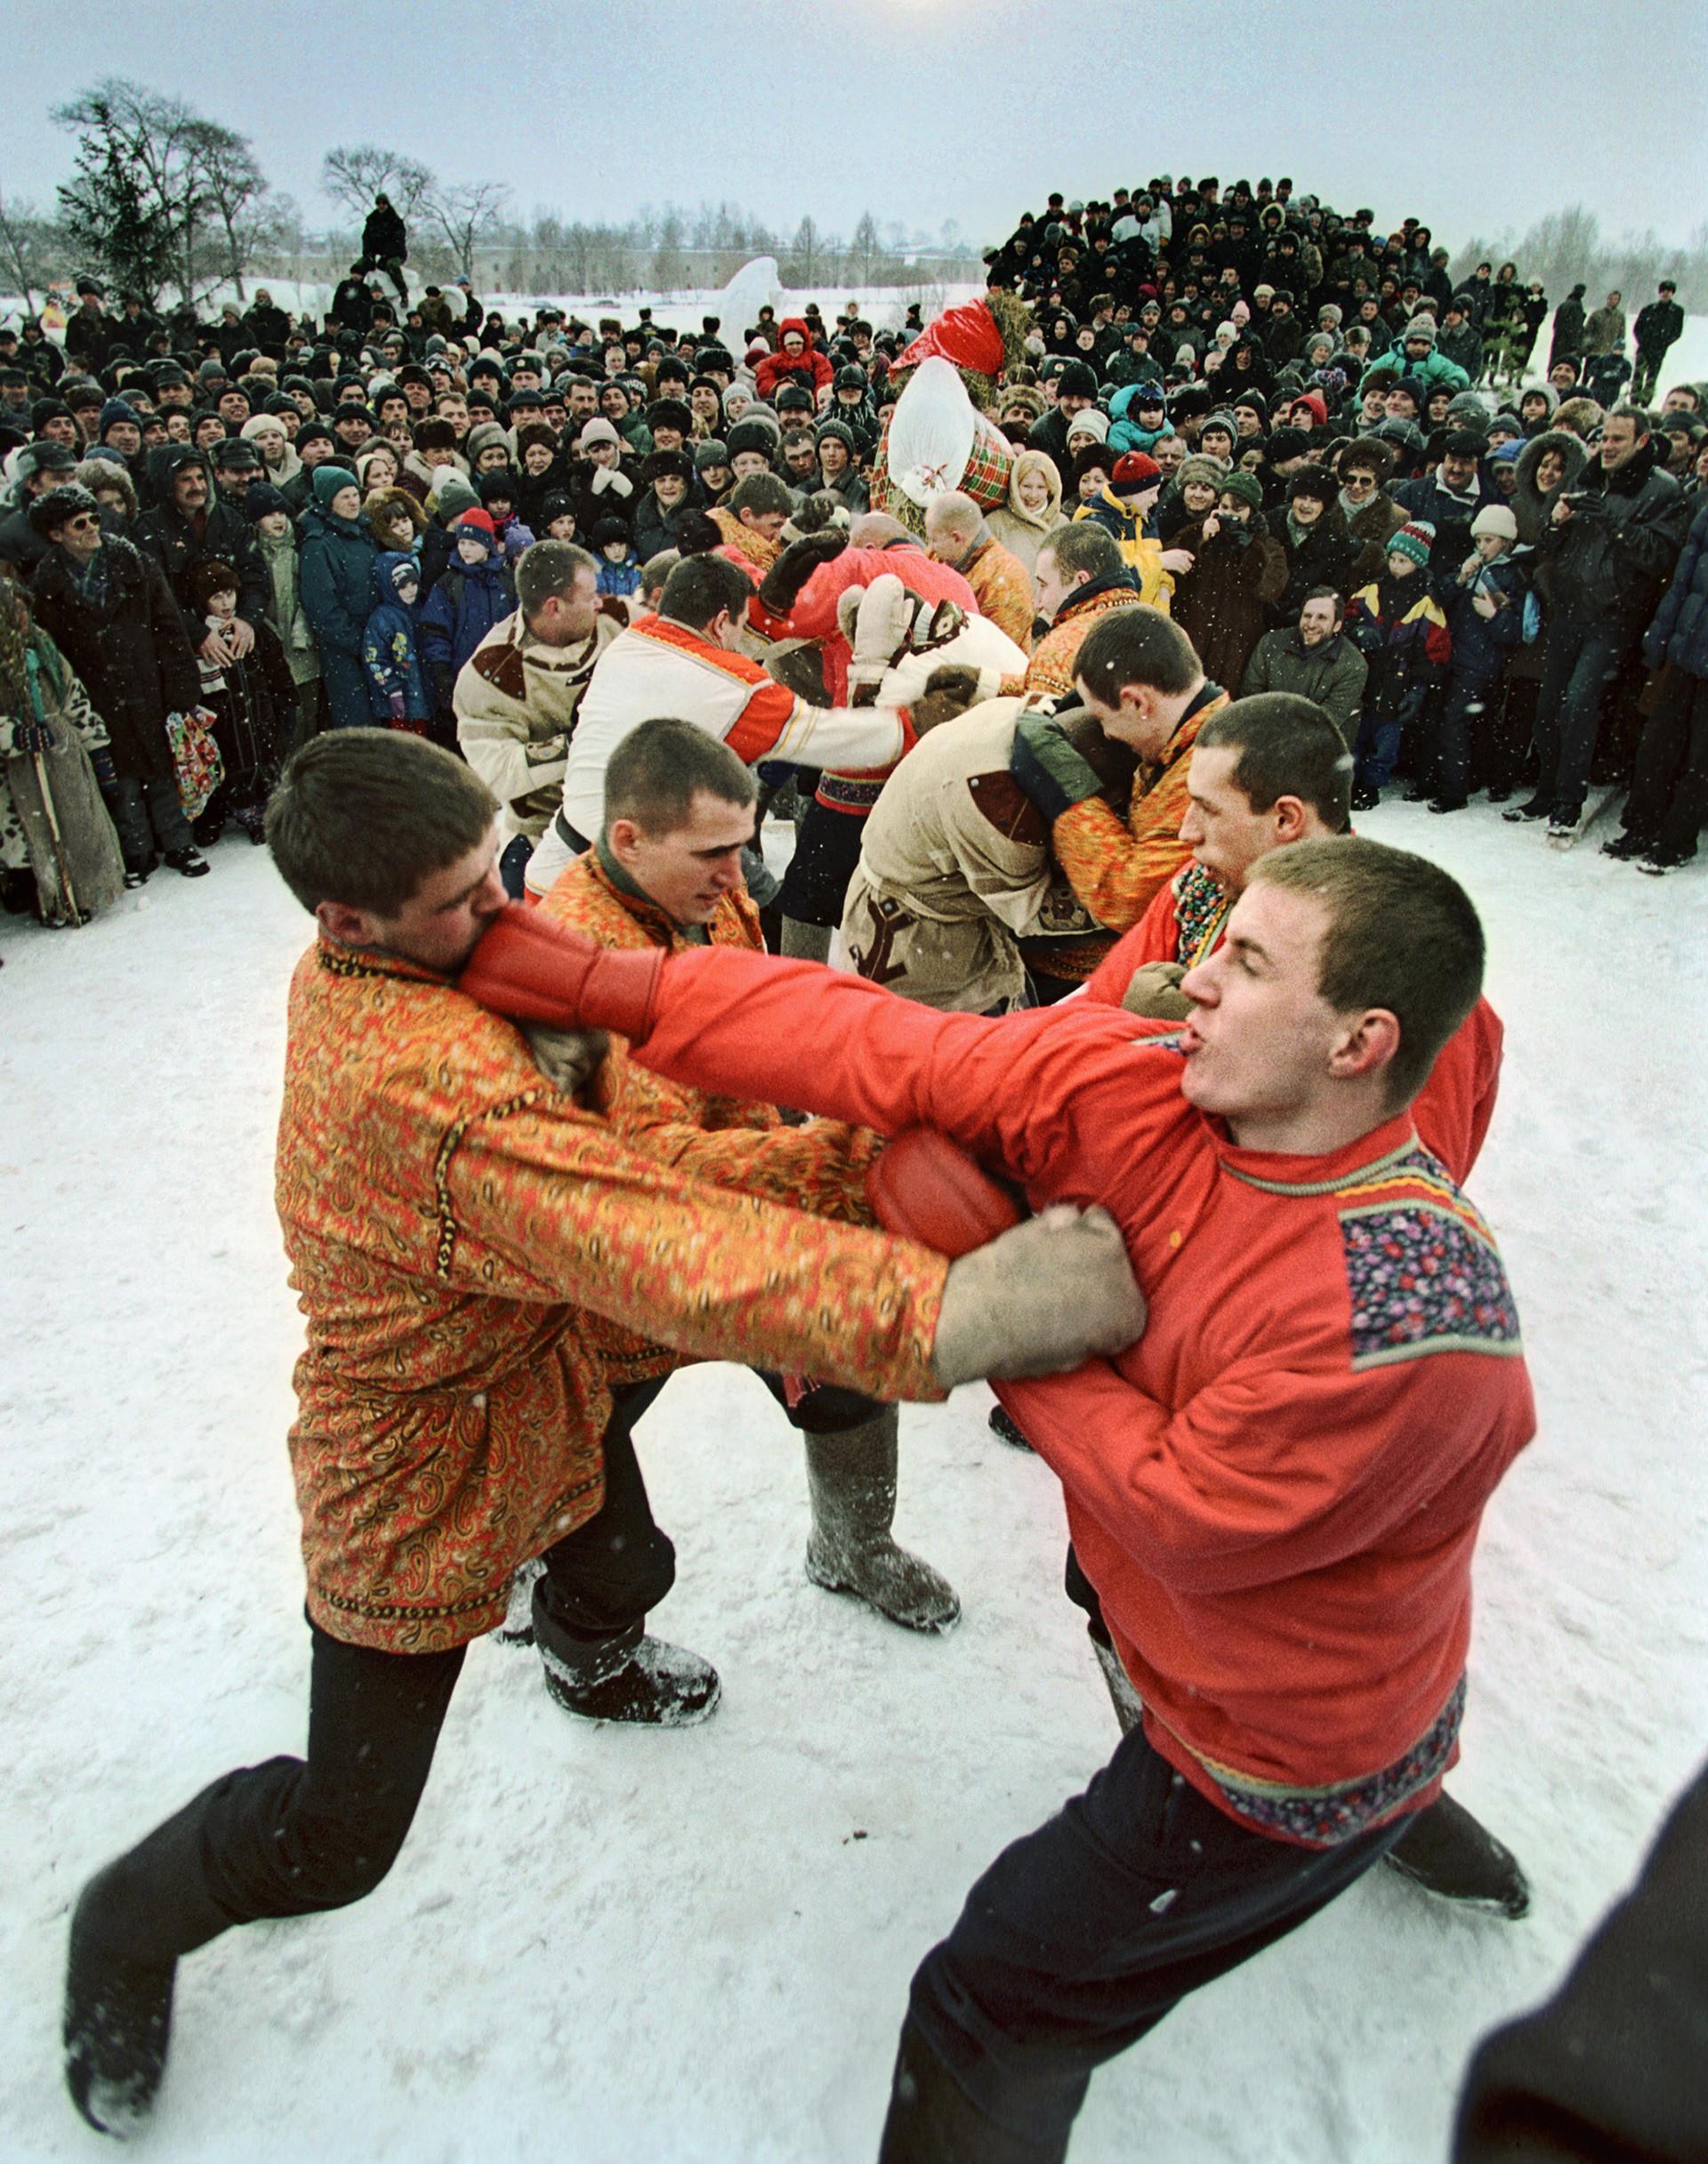 Pancadaria tradicional durante as celebrações do Chrovetide, ou seja, o período pré-Quaresma, em Súzdal, na Rússia.